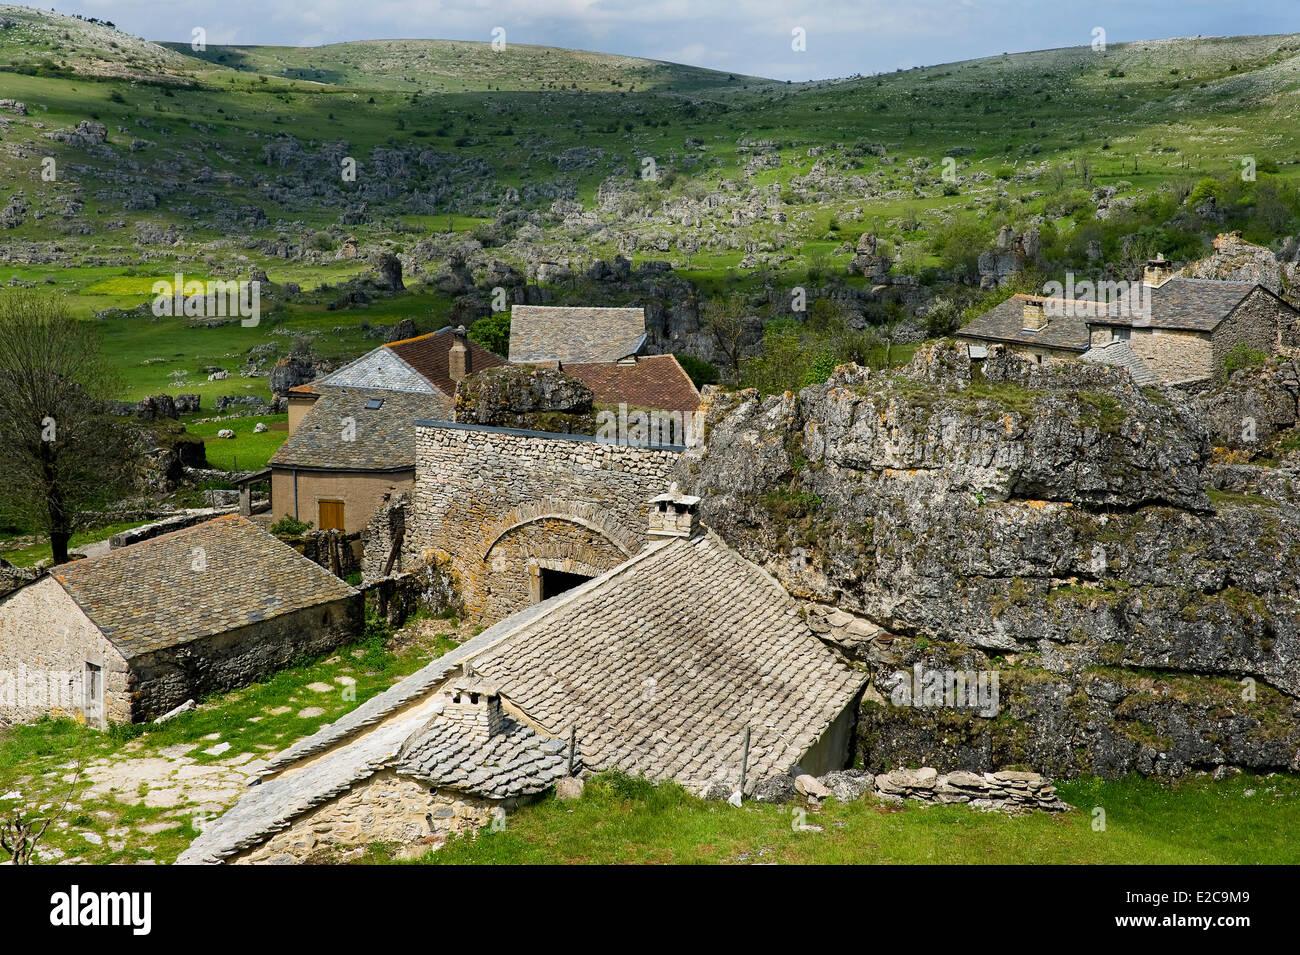 France, Lozere, Le Veygalier, chaos of Nimes le Vieux, Causse Mejean - Stock Image